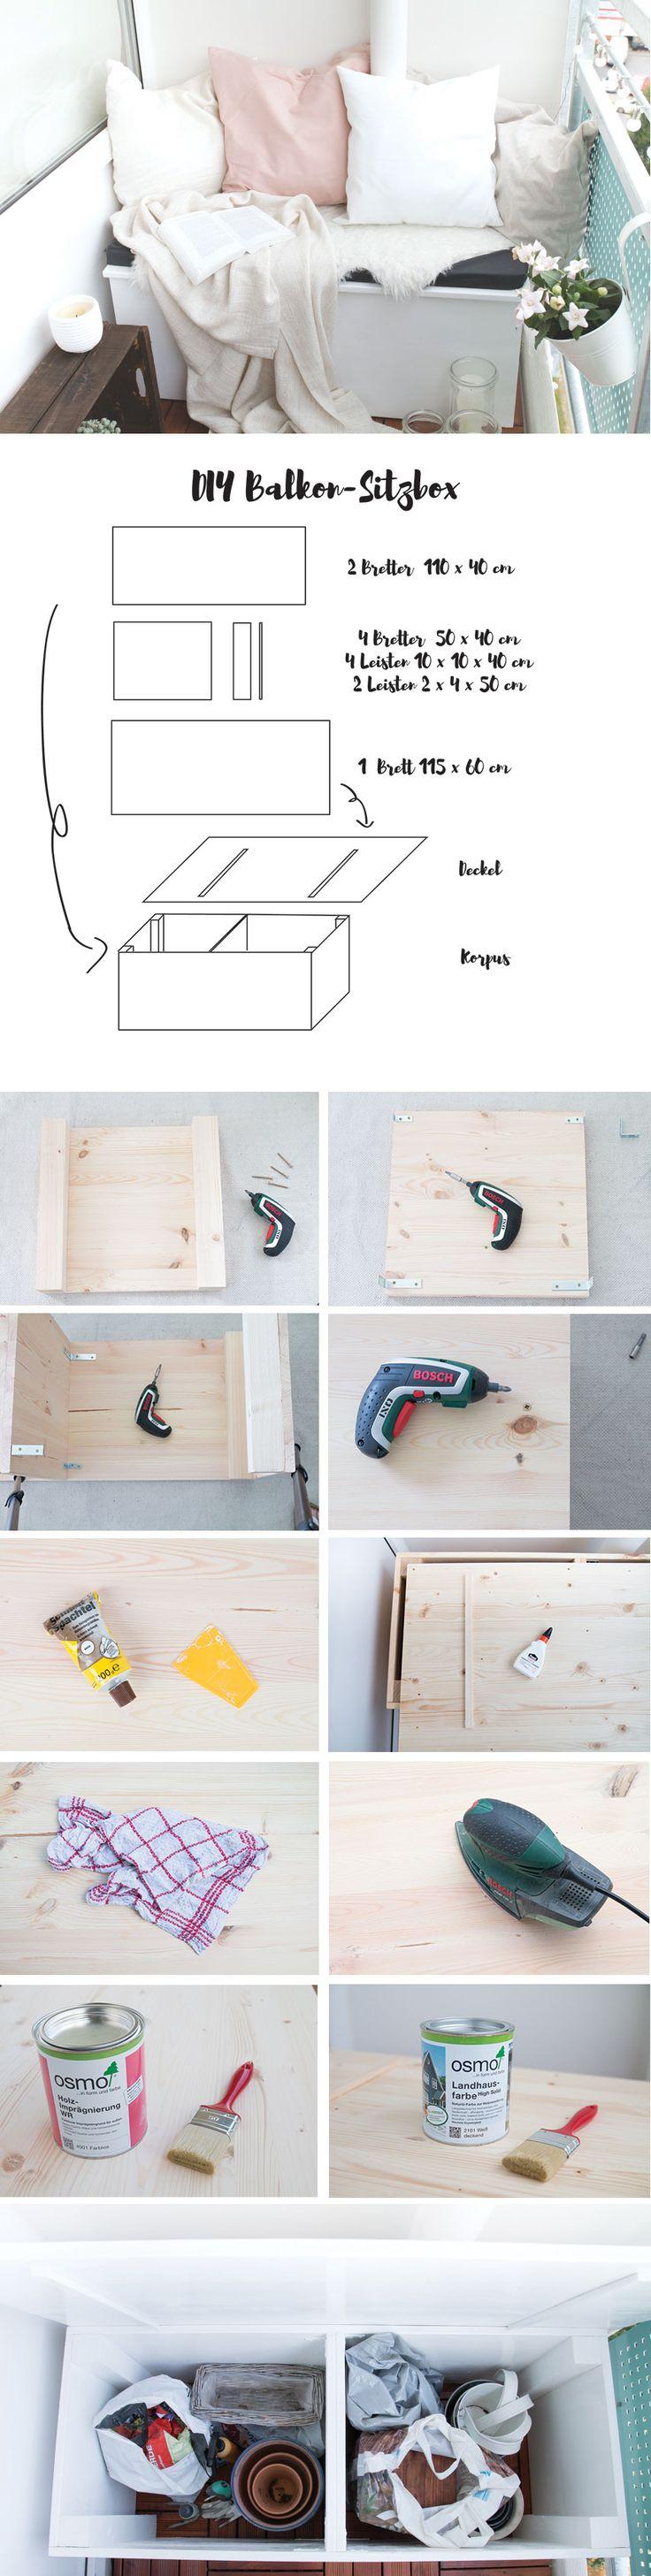 DIY Sitzbox für den Balkon aus Holz bauen. Makeover: Ordnung für den Balkon